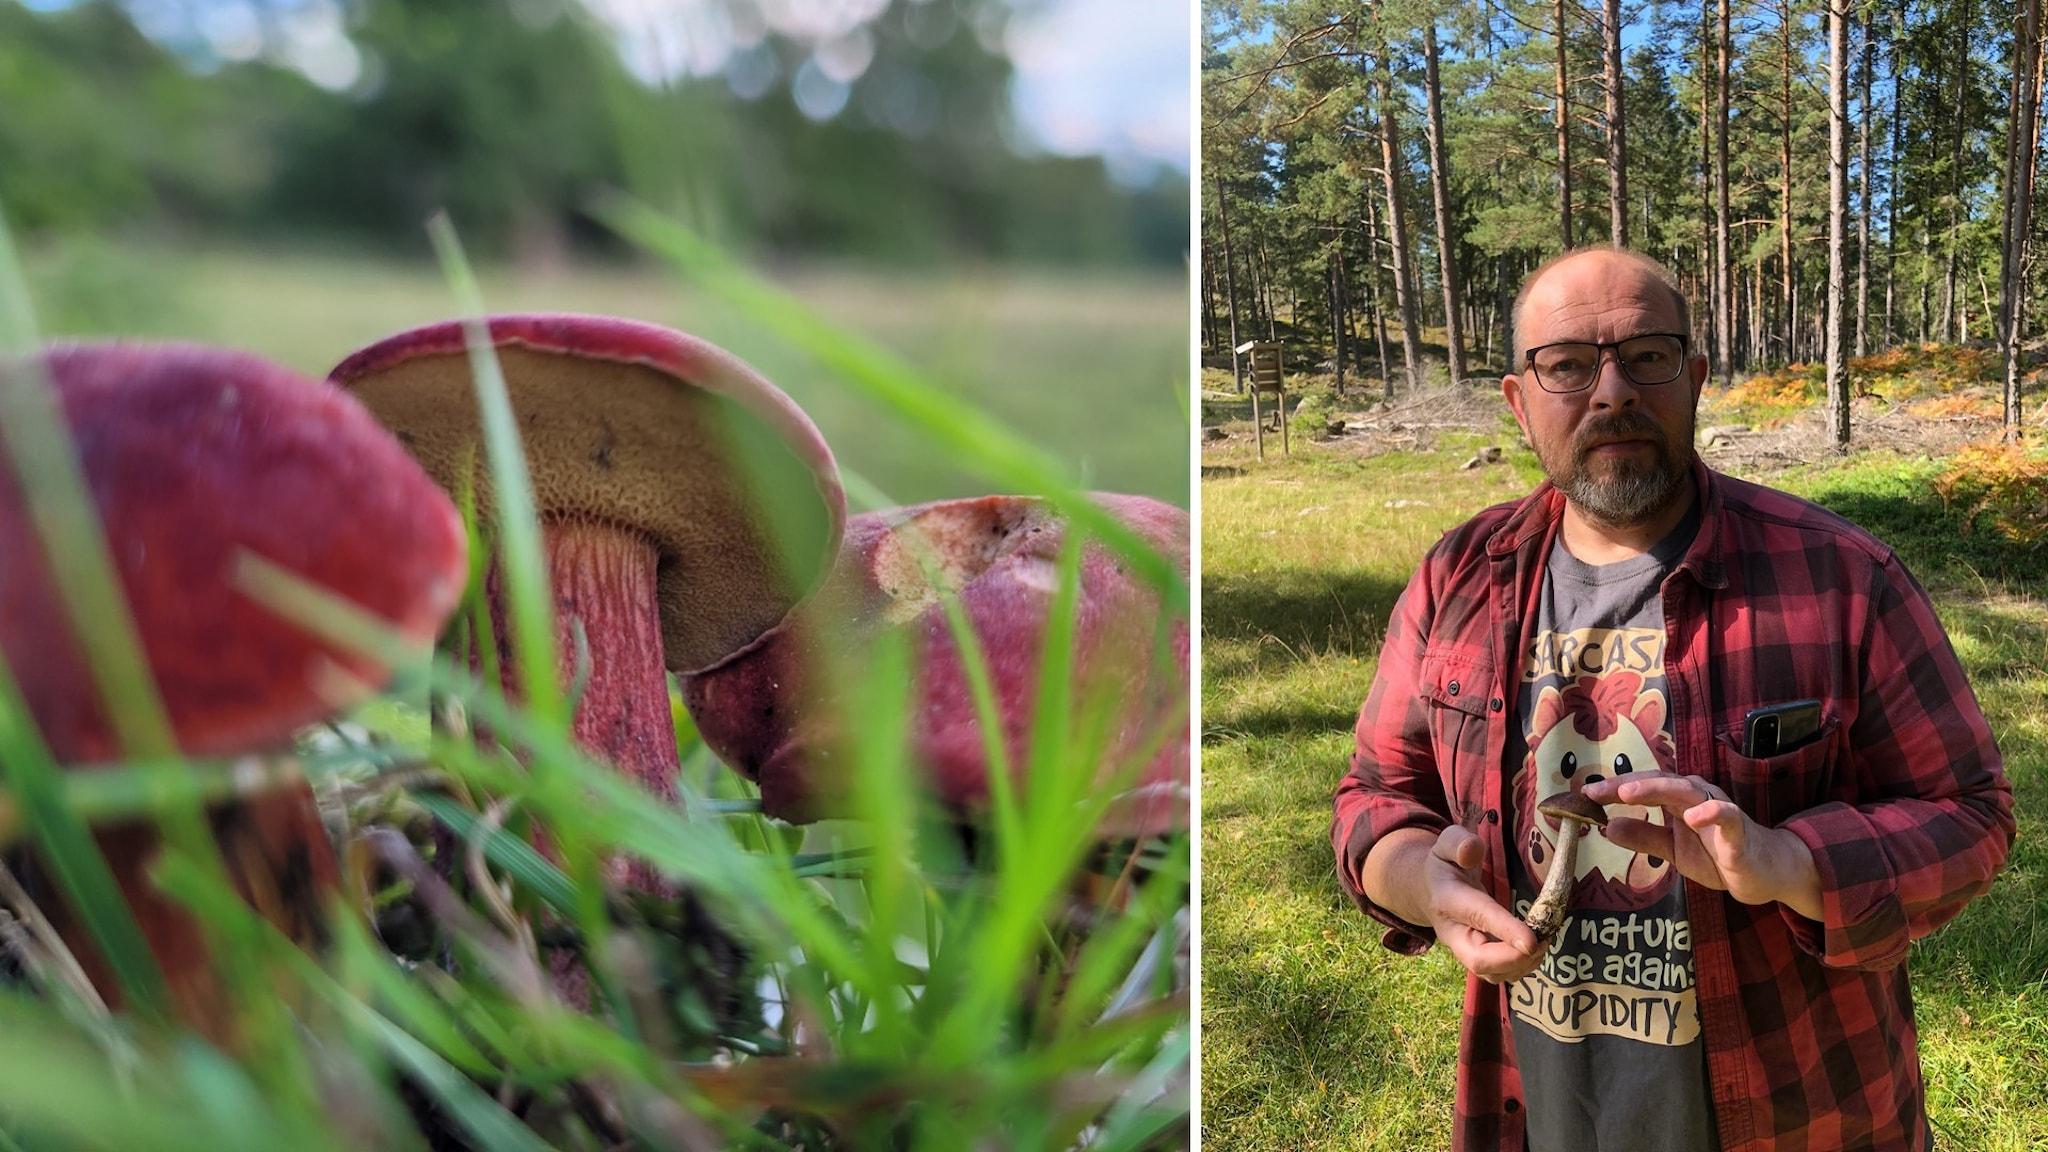 Bildmontage där bilden till vänster visar tre rödsoppar som sticker upp ur marken bland gröna grässtrån. På bilden till höger syns en man som står i en skogsglänta och håller en sopp.